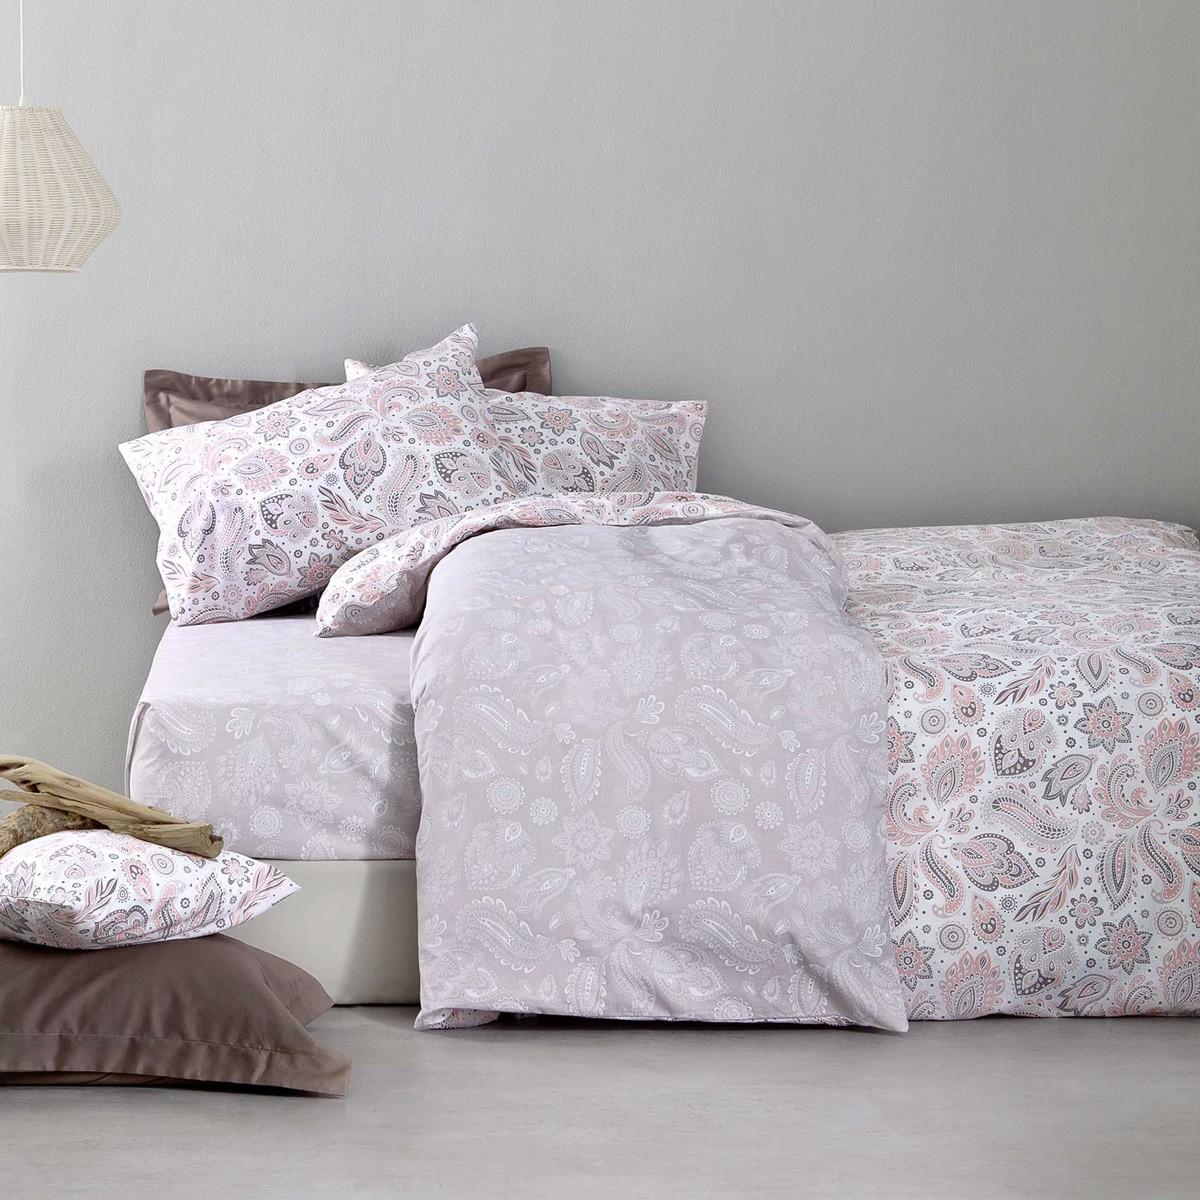 Κουβερλί Υπέρδιπλο Nima Bed Linen Delhi Pink